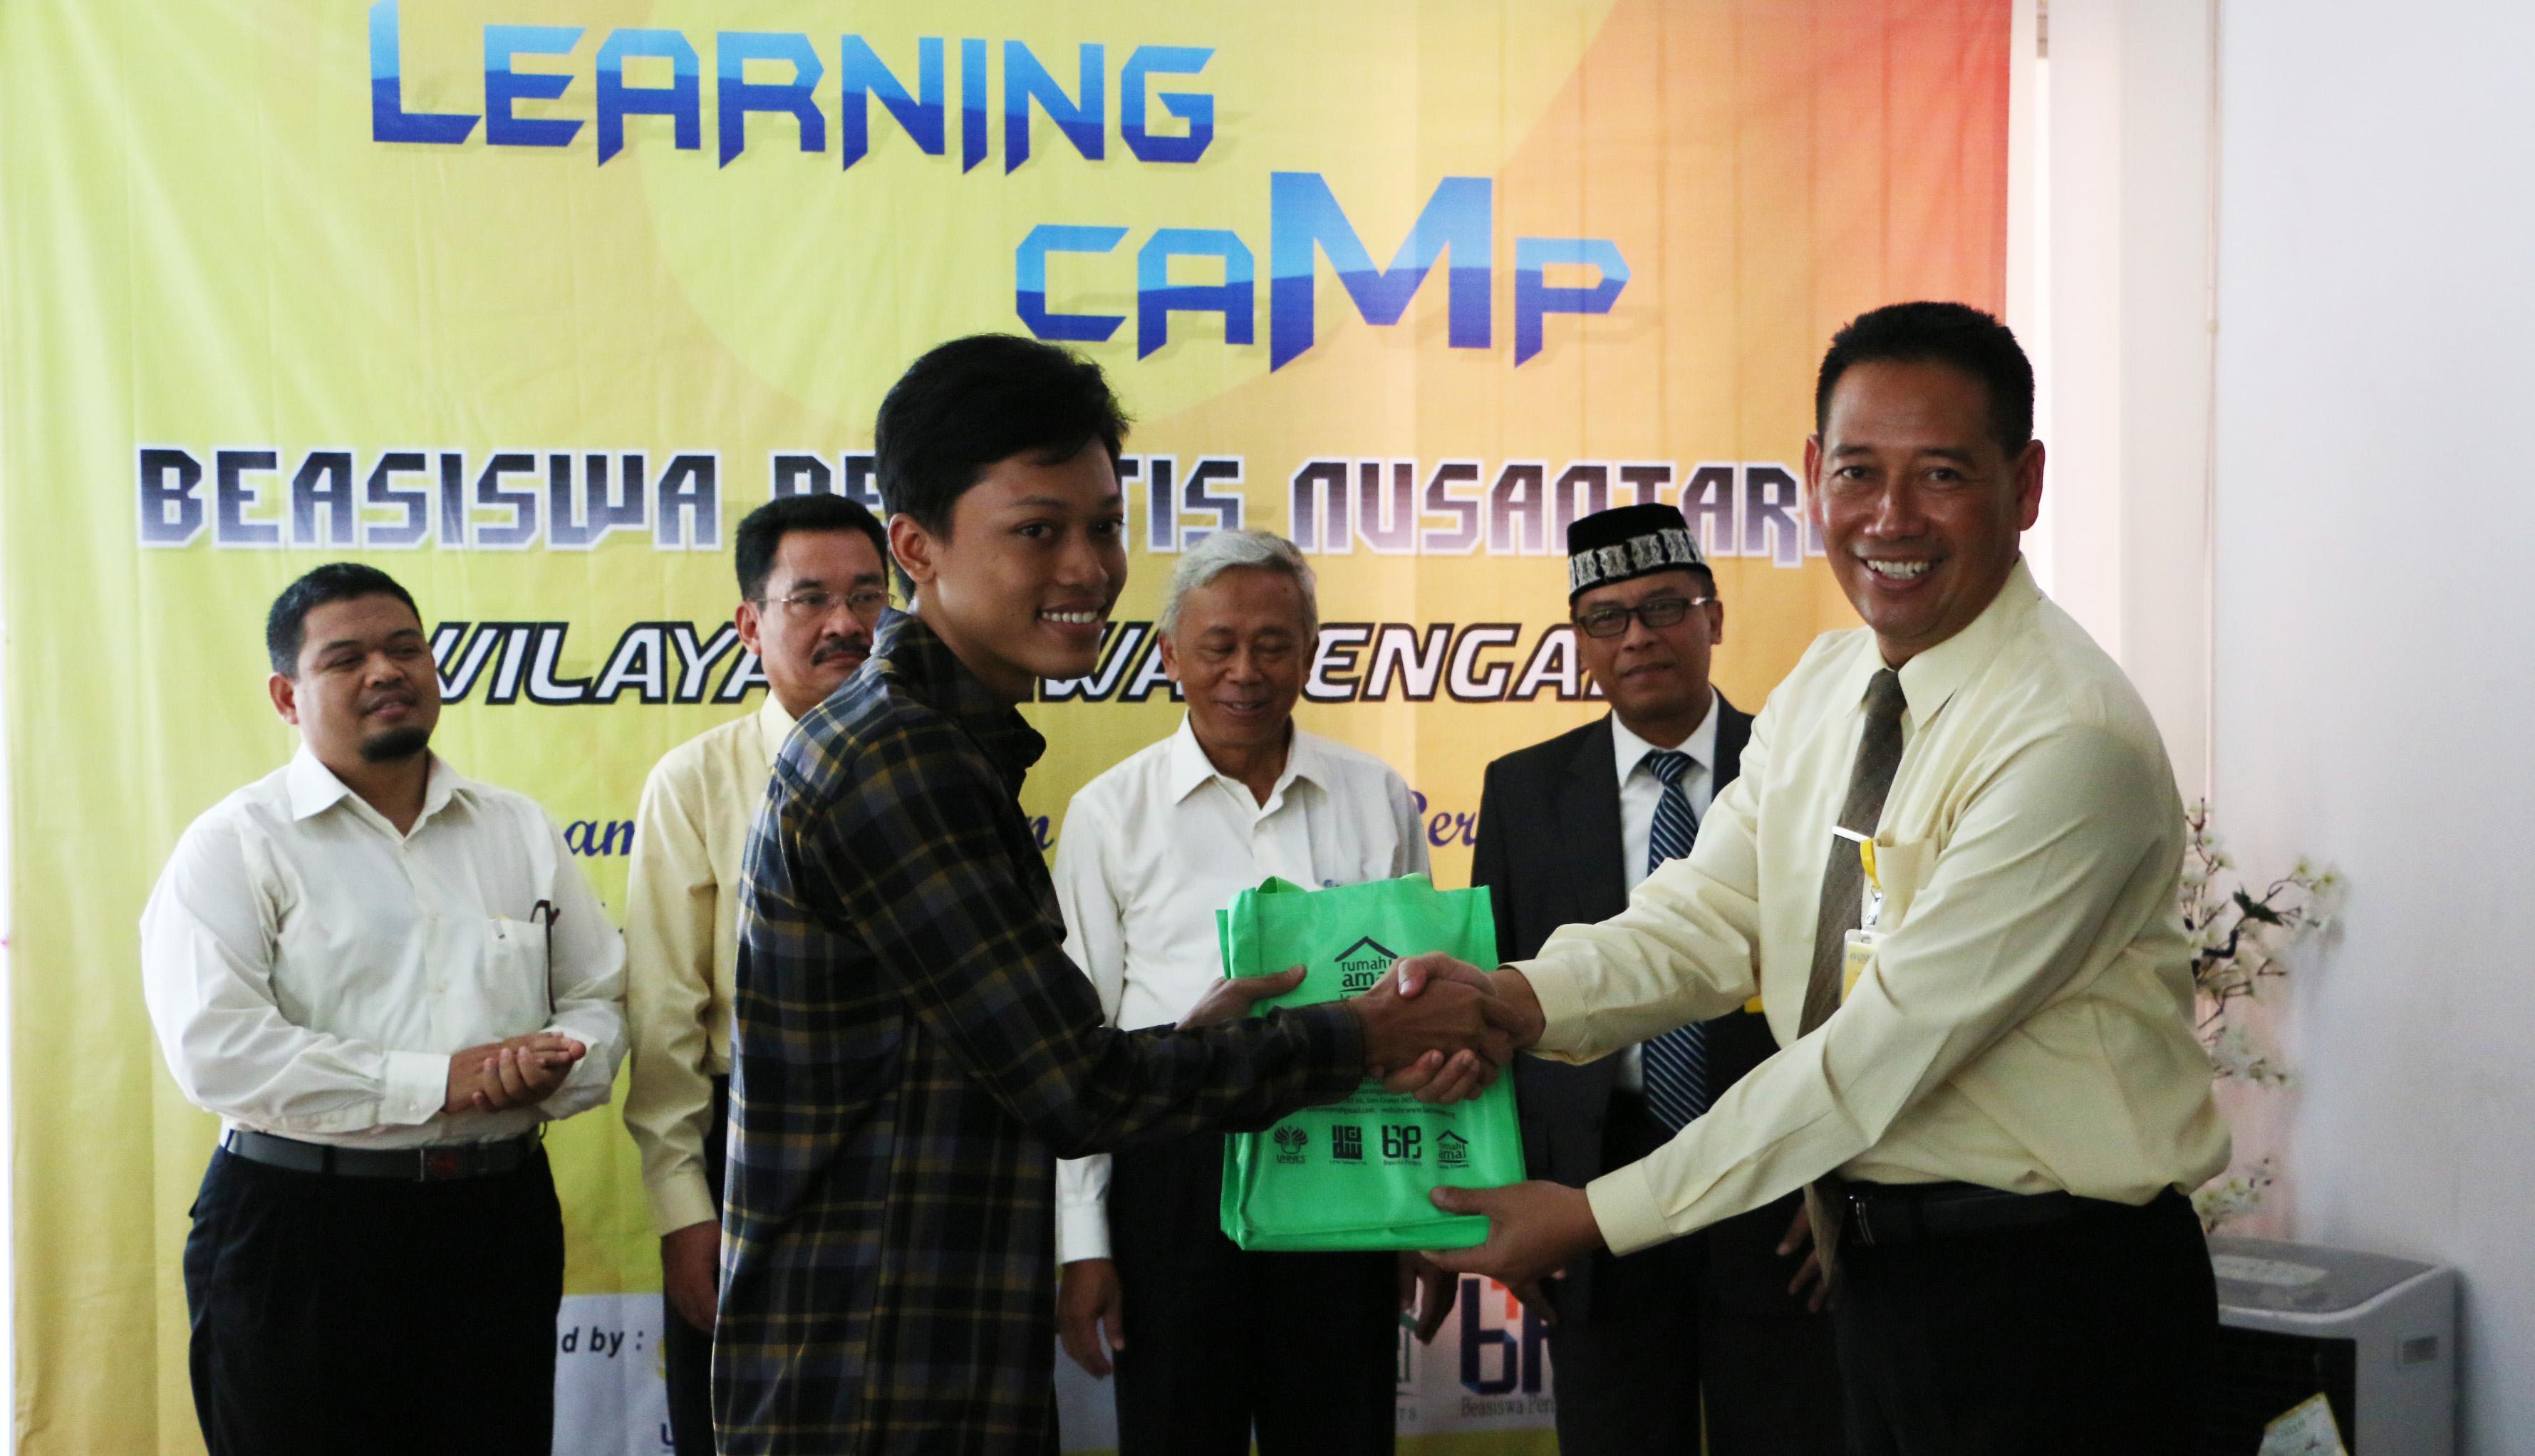 Rumah Amal Laziz Unnes Selenggarakan Learning Camp Beasiswa Perintis Nusantara